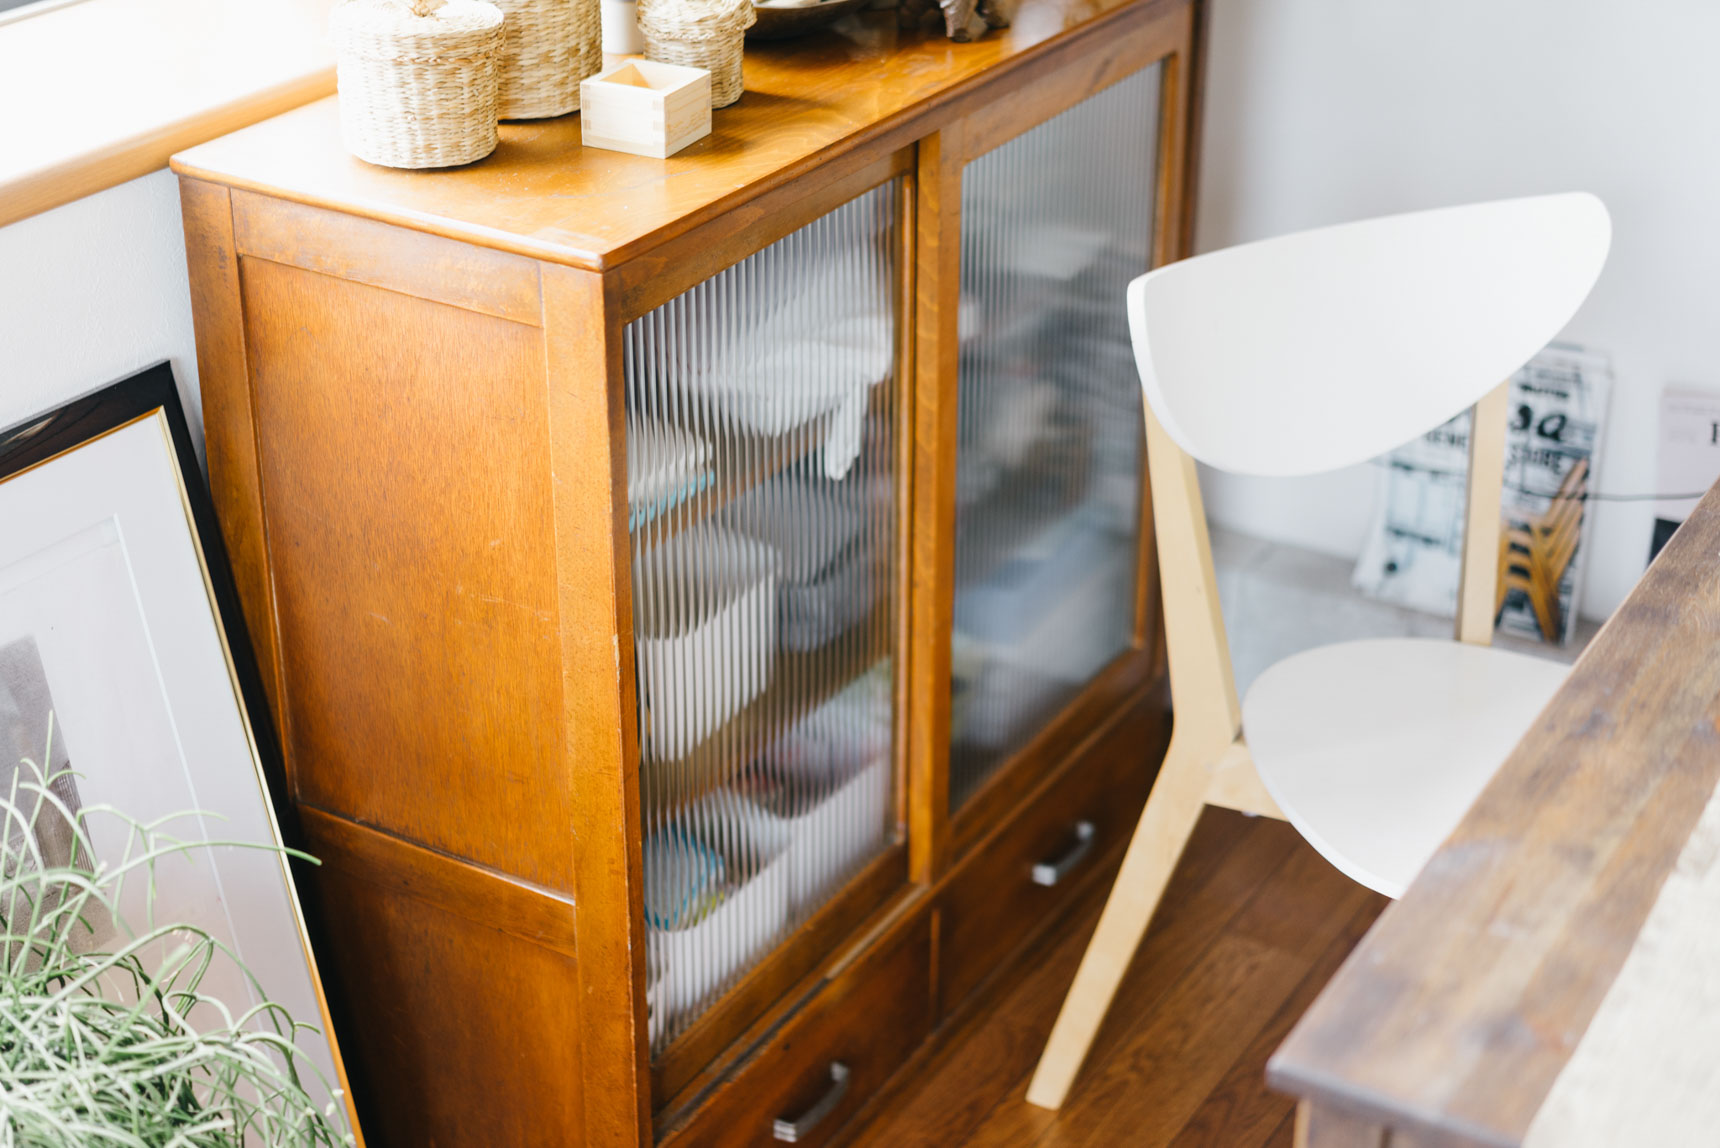 「中がほどよく隠れる磨りガラスの棚をずっと探していて。3ヶ月ぐらい探して見つけました」というリビングの収納棚は、古道具のお店「紫山」(http://shizan.ocnk.net/)で購入。